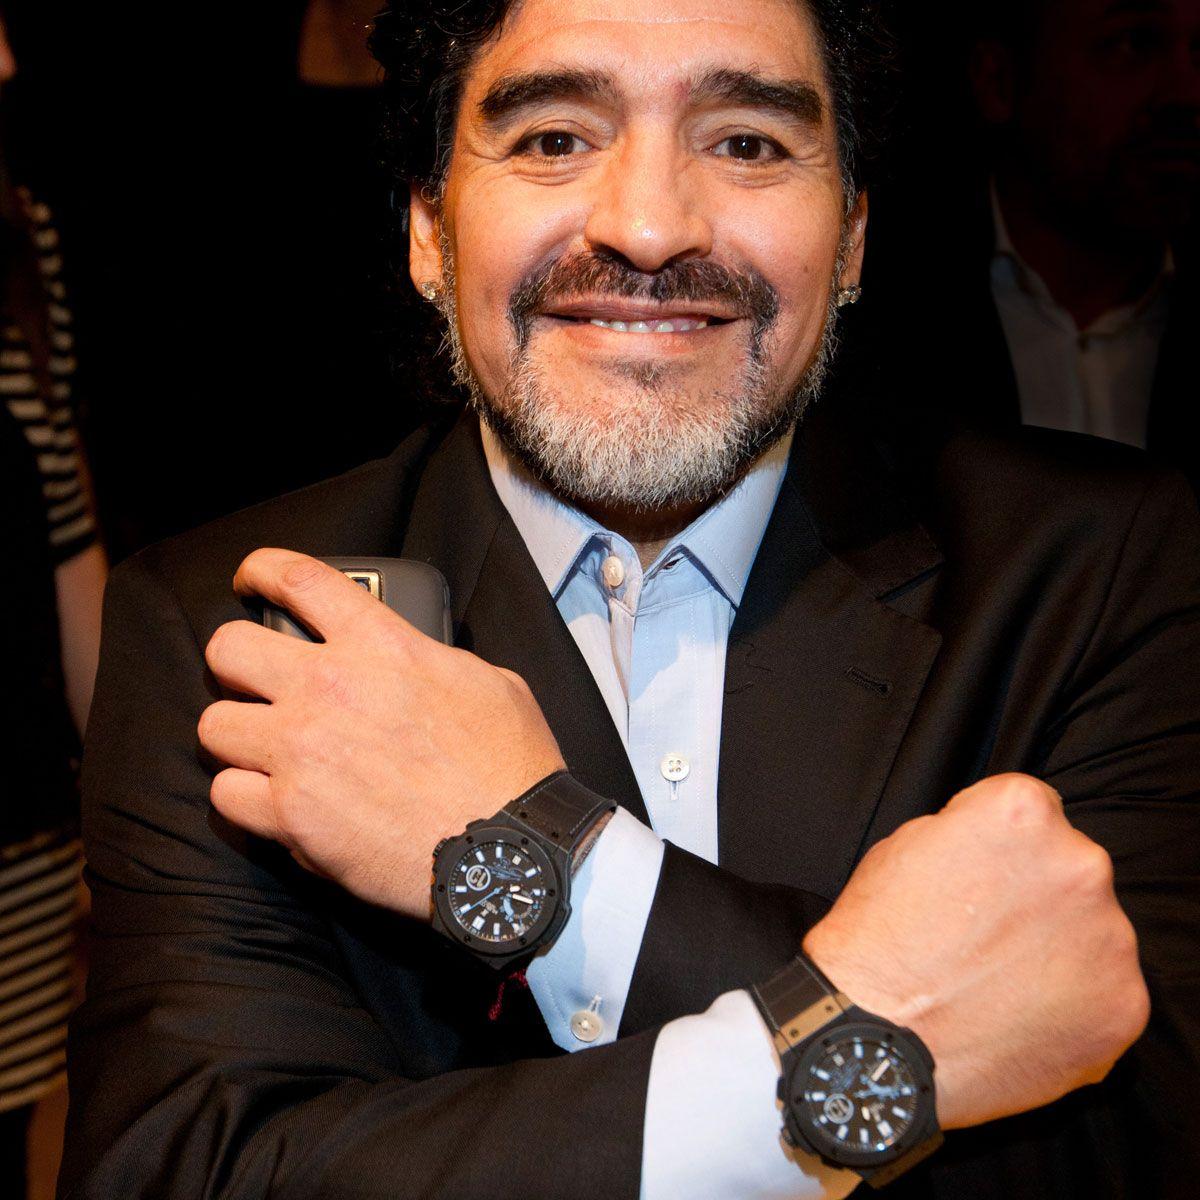 Наручные часы Диего Армандо Марадона Hublot